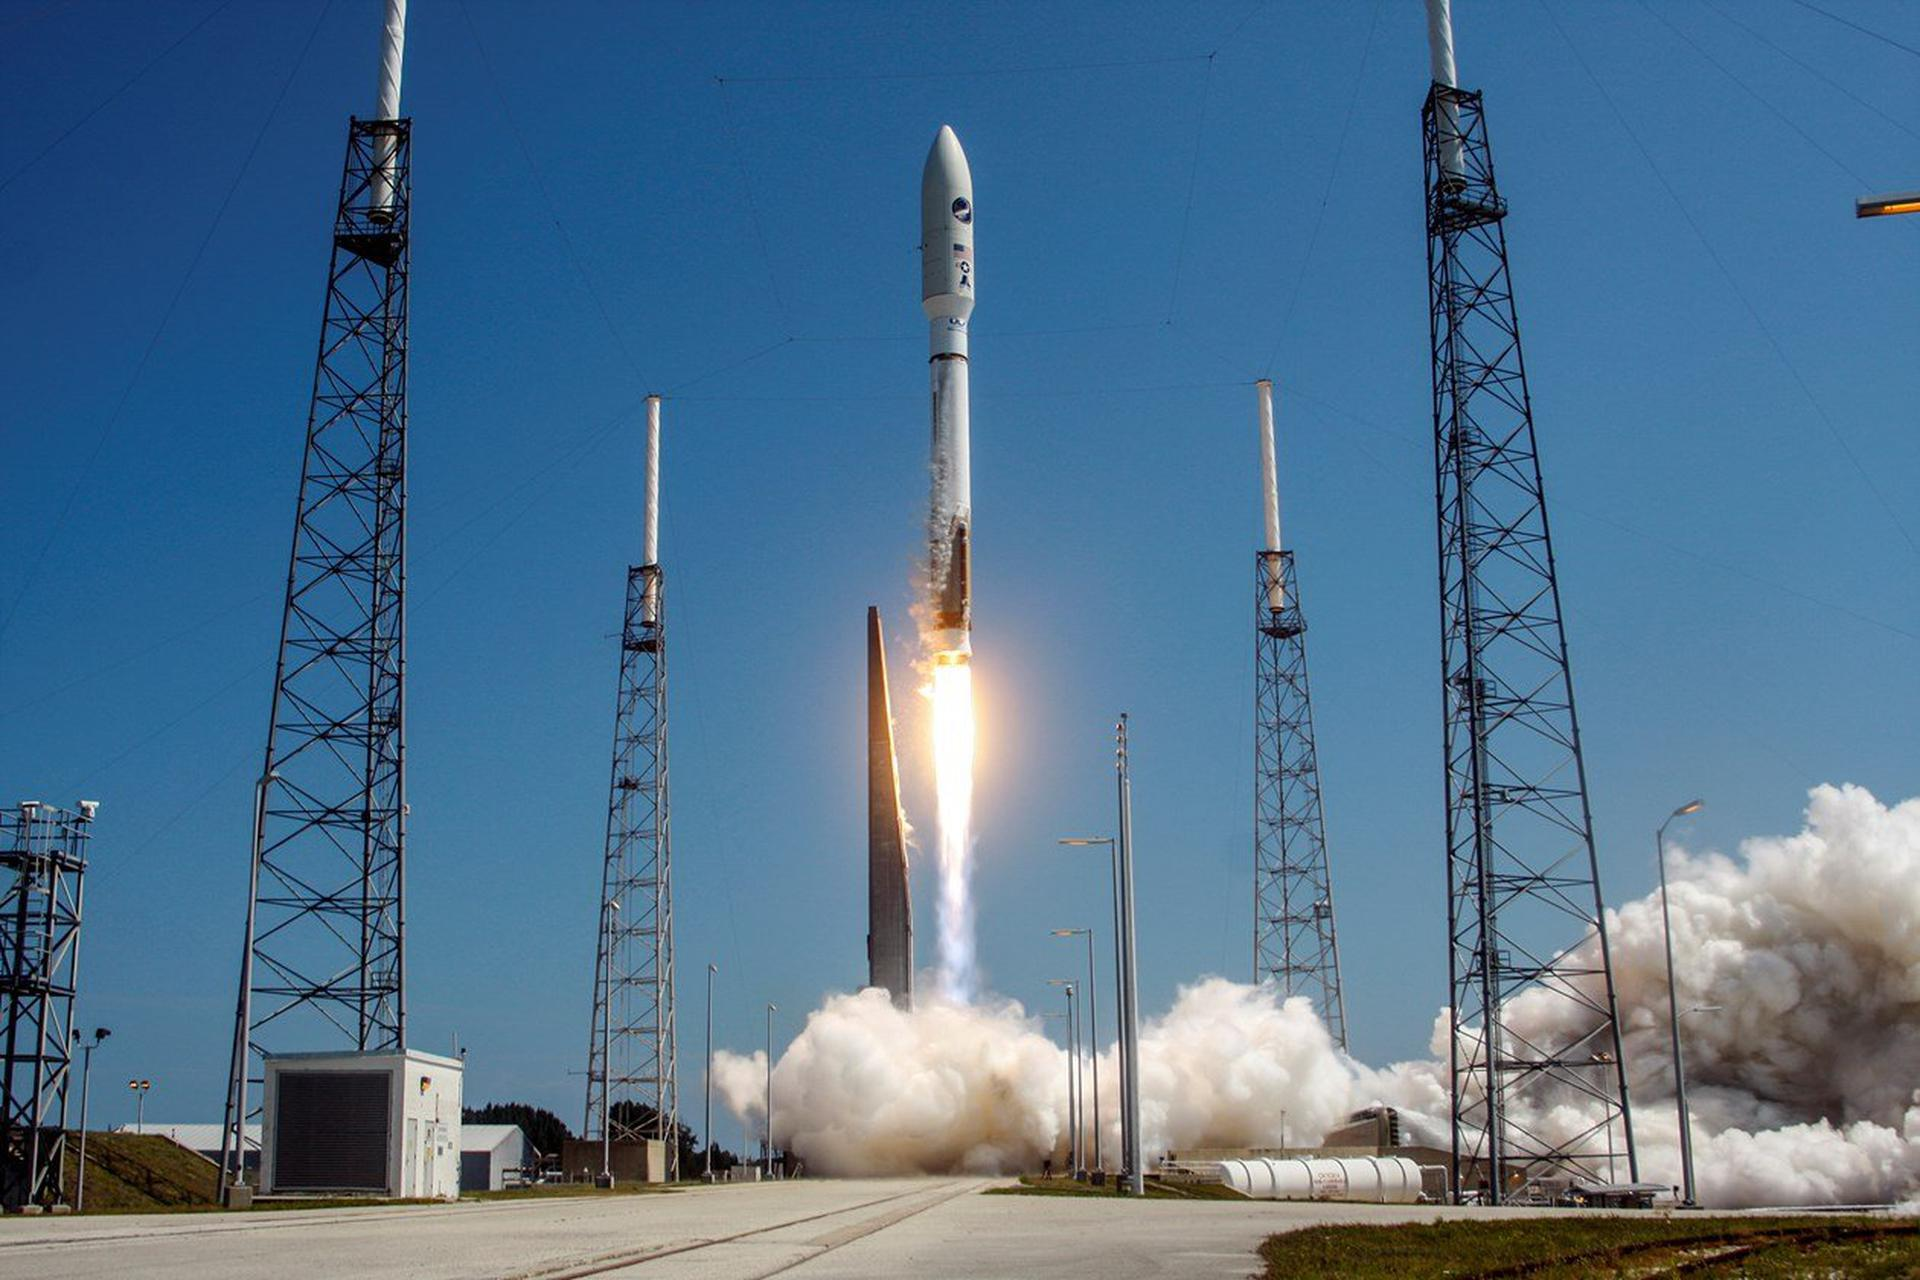 Atlas V 501 | OTV-2 (X-37B) (USA-226)